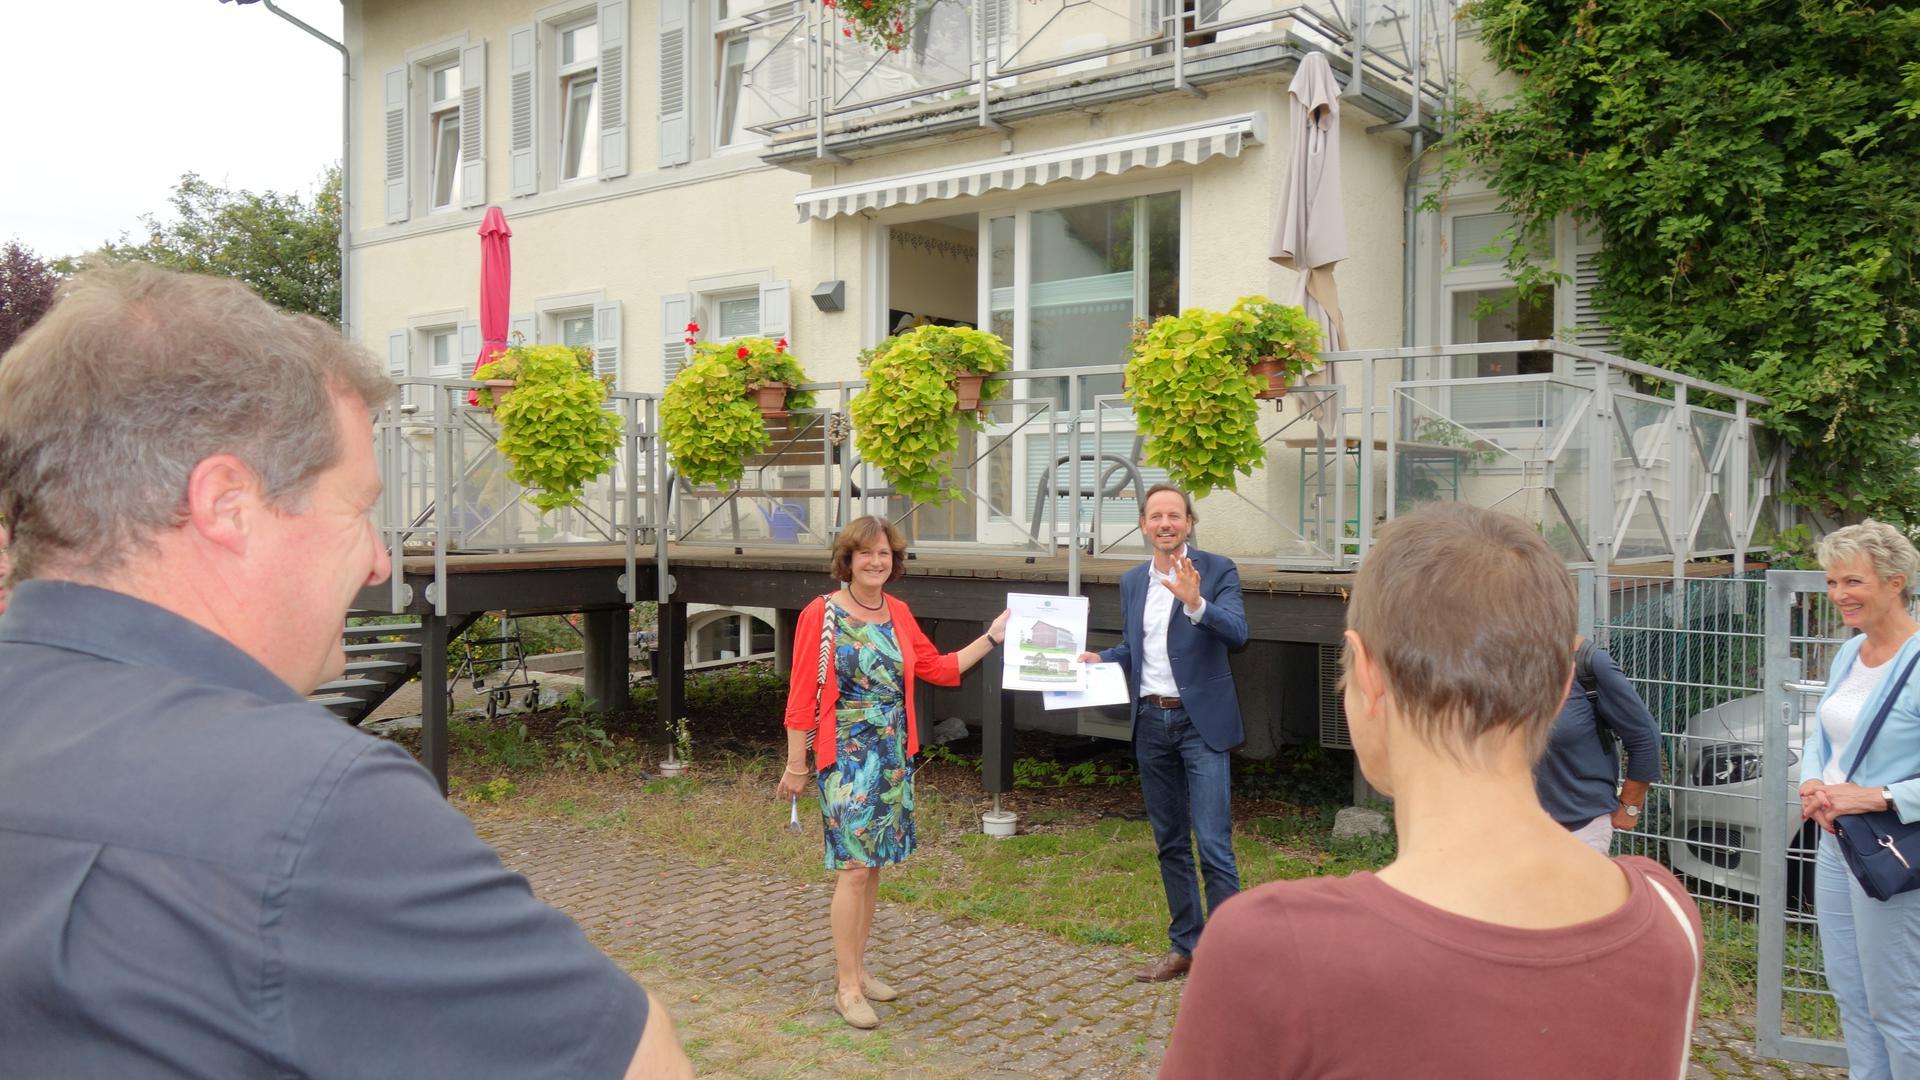 Vorstellung vor Ort: Die Caritas-Tagespflegestätte in der Sommerstraße in Steinbach, das ehemalige Spital, findet mittlerweile einen großen Zuspruch.